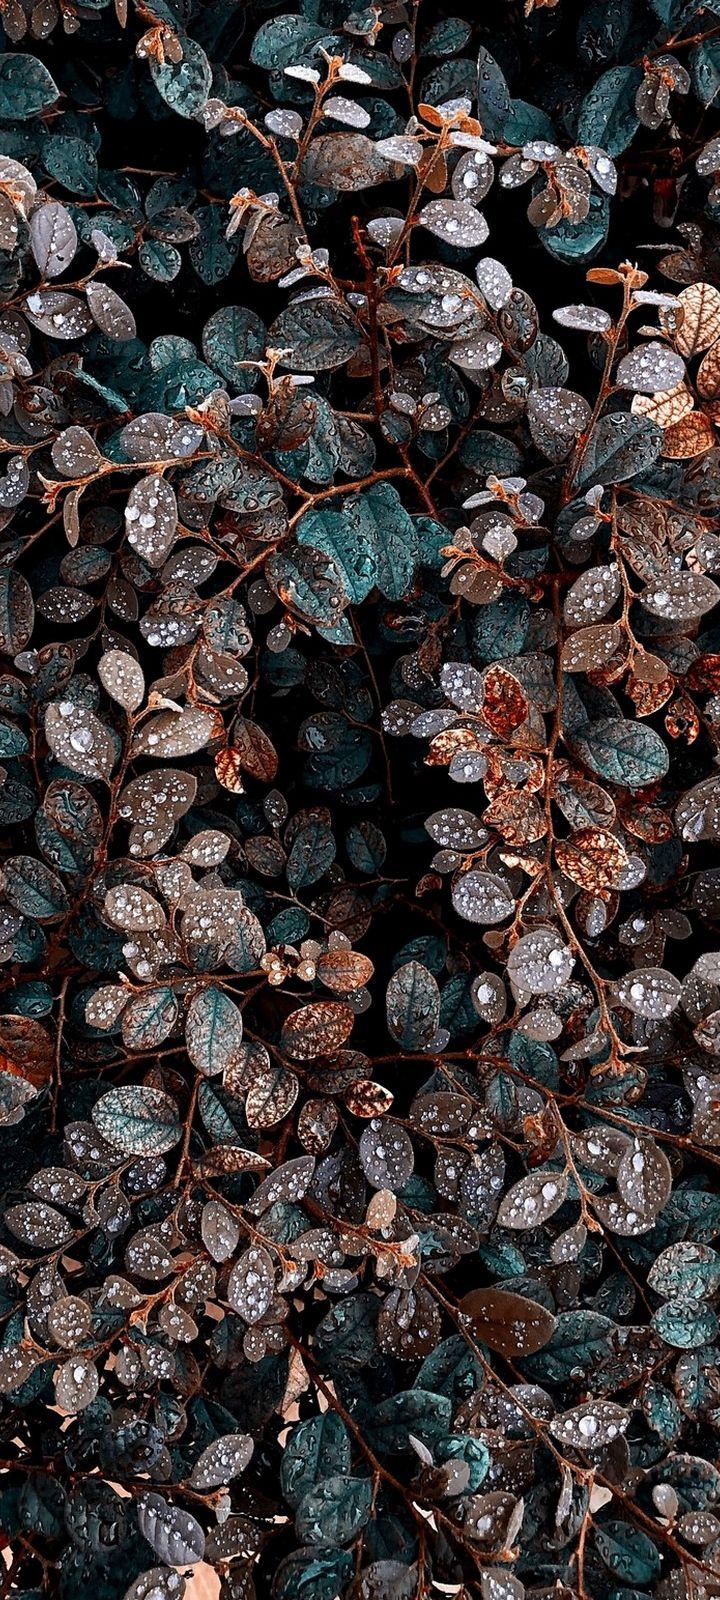 Plant Bush Leaves Wallpaper 720x1600